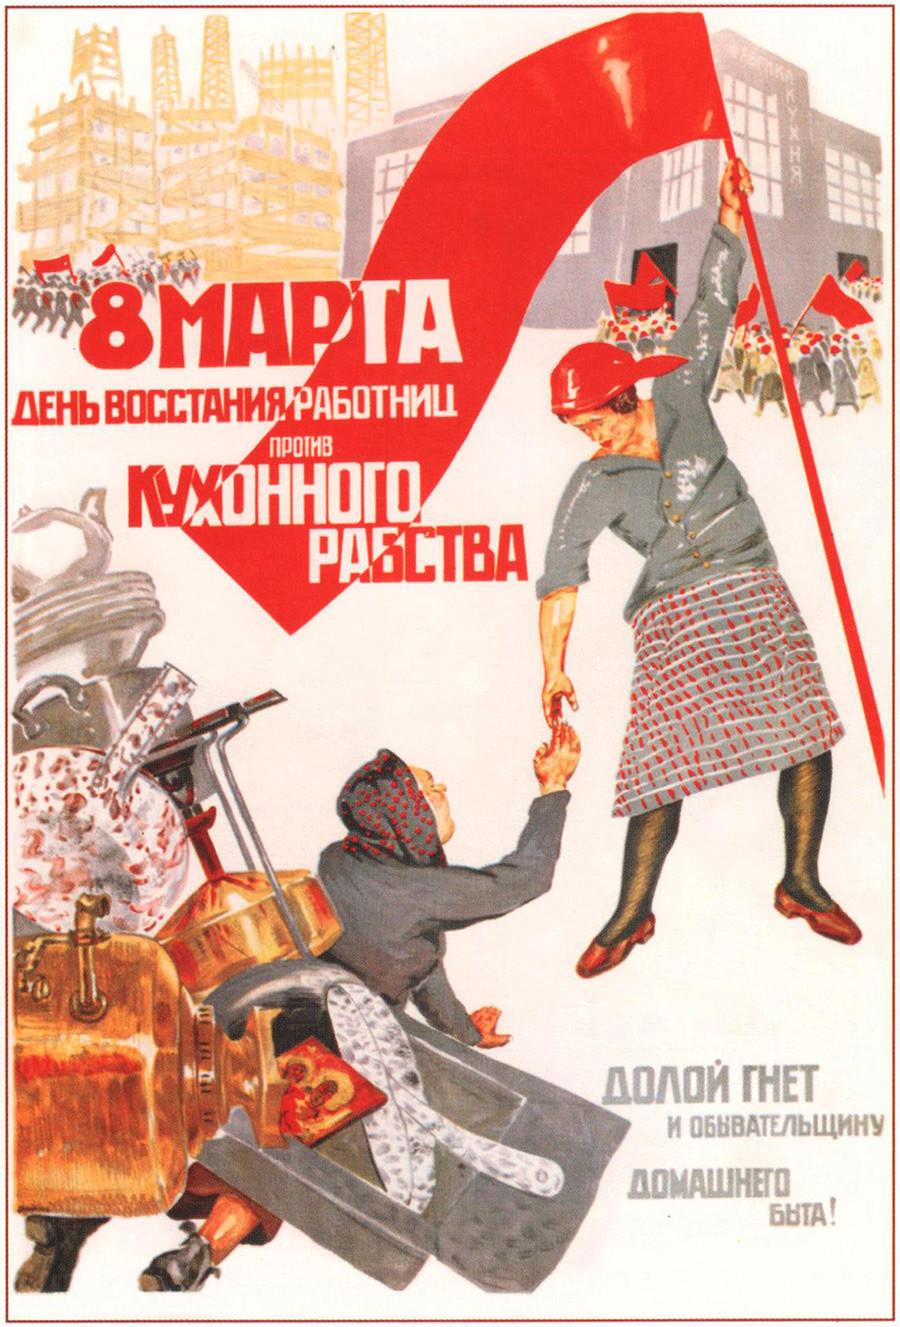 El 8 de marzo es el día de la revuelta de las trabajadoras contra la esclavitud de la cocina. ¡Abajo con la opresión y el filisteísmo de las tareas del hogar!